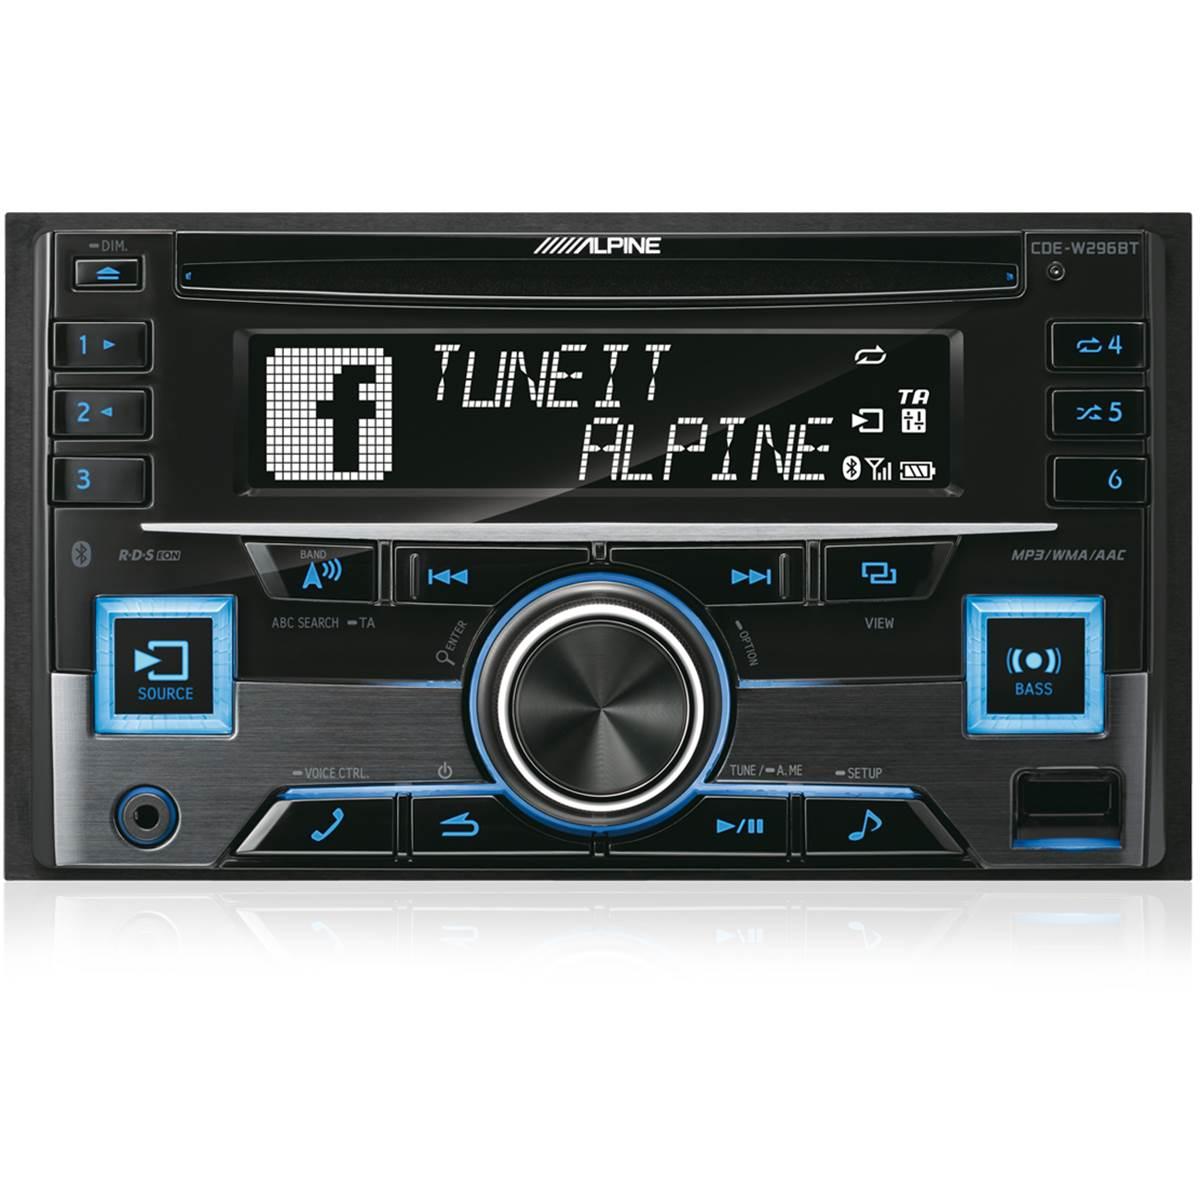 AUTORADIO ALPINE CDE-W296BT